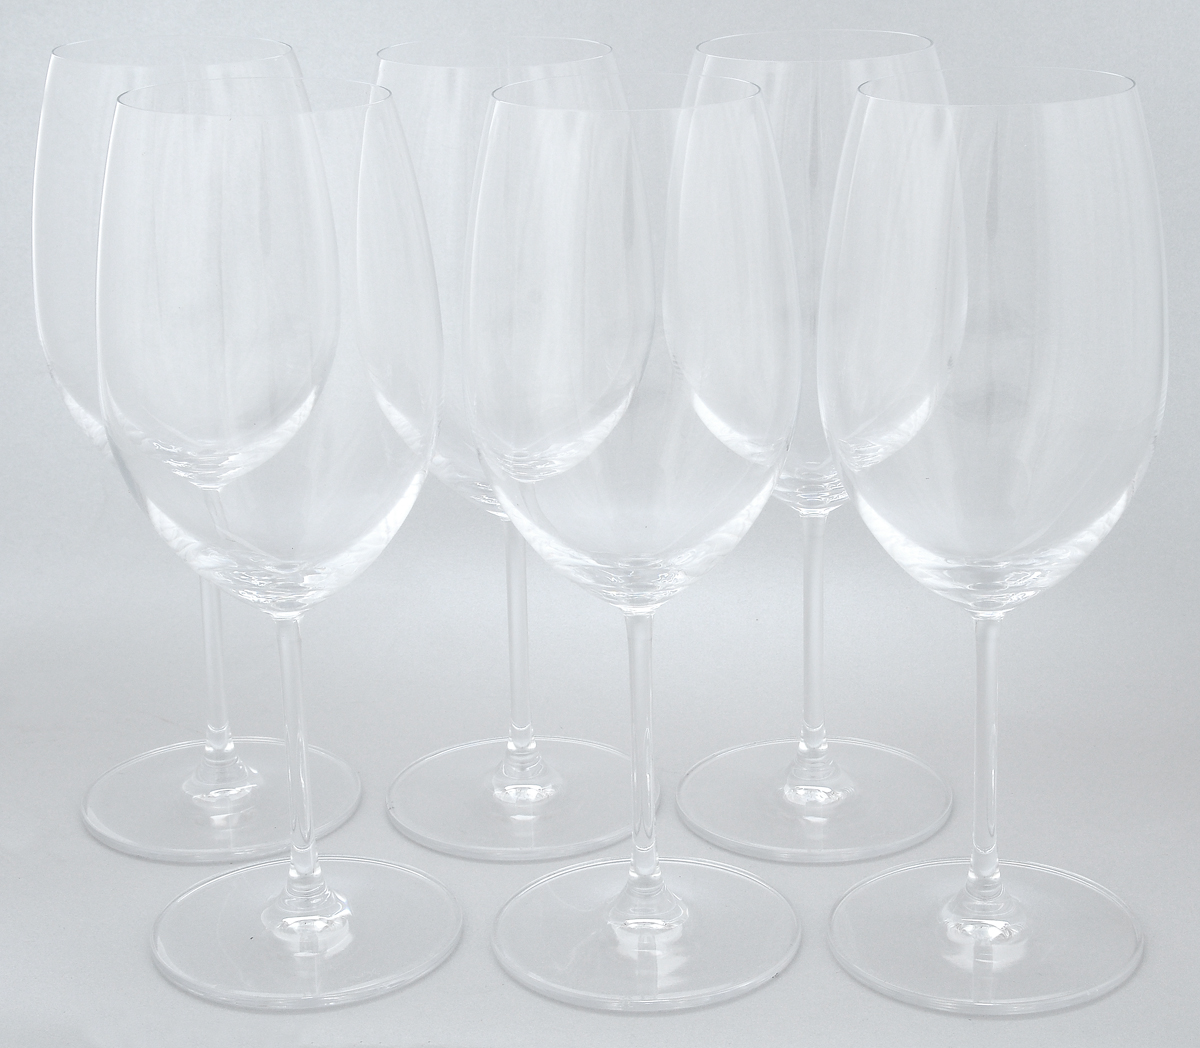 Набор бокалов Pasabahce Vintage, 600 мл, 6 шт66125NНабор Pasabahce Vintage состоит из шести бокалов, выполненных из прочного натрий-кальций-силикатного стекла. Изделия оснащены высокими ножками. Бокалы предназначены для подачи вина. Они сочетают в себе элегантный дизайн и функциональность. Благодаря такому набору пить напитки будет еще вкуснее. Набор бокалов Pasabahce Vintage прекрасно оформит праздничный стол и создаст приятную атмосферу за романтическим ужином. Такой набор также станет хорошим подарком к любому случаю.Можно мыть в посудомоечной машине и использовать в холодильнике. Диаметр бокала по верхнему краю: 6,8 см.Высота бокала: 24 см.